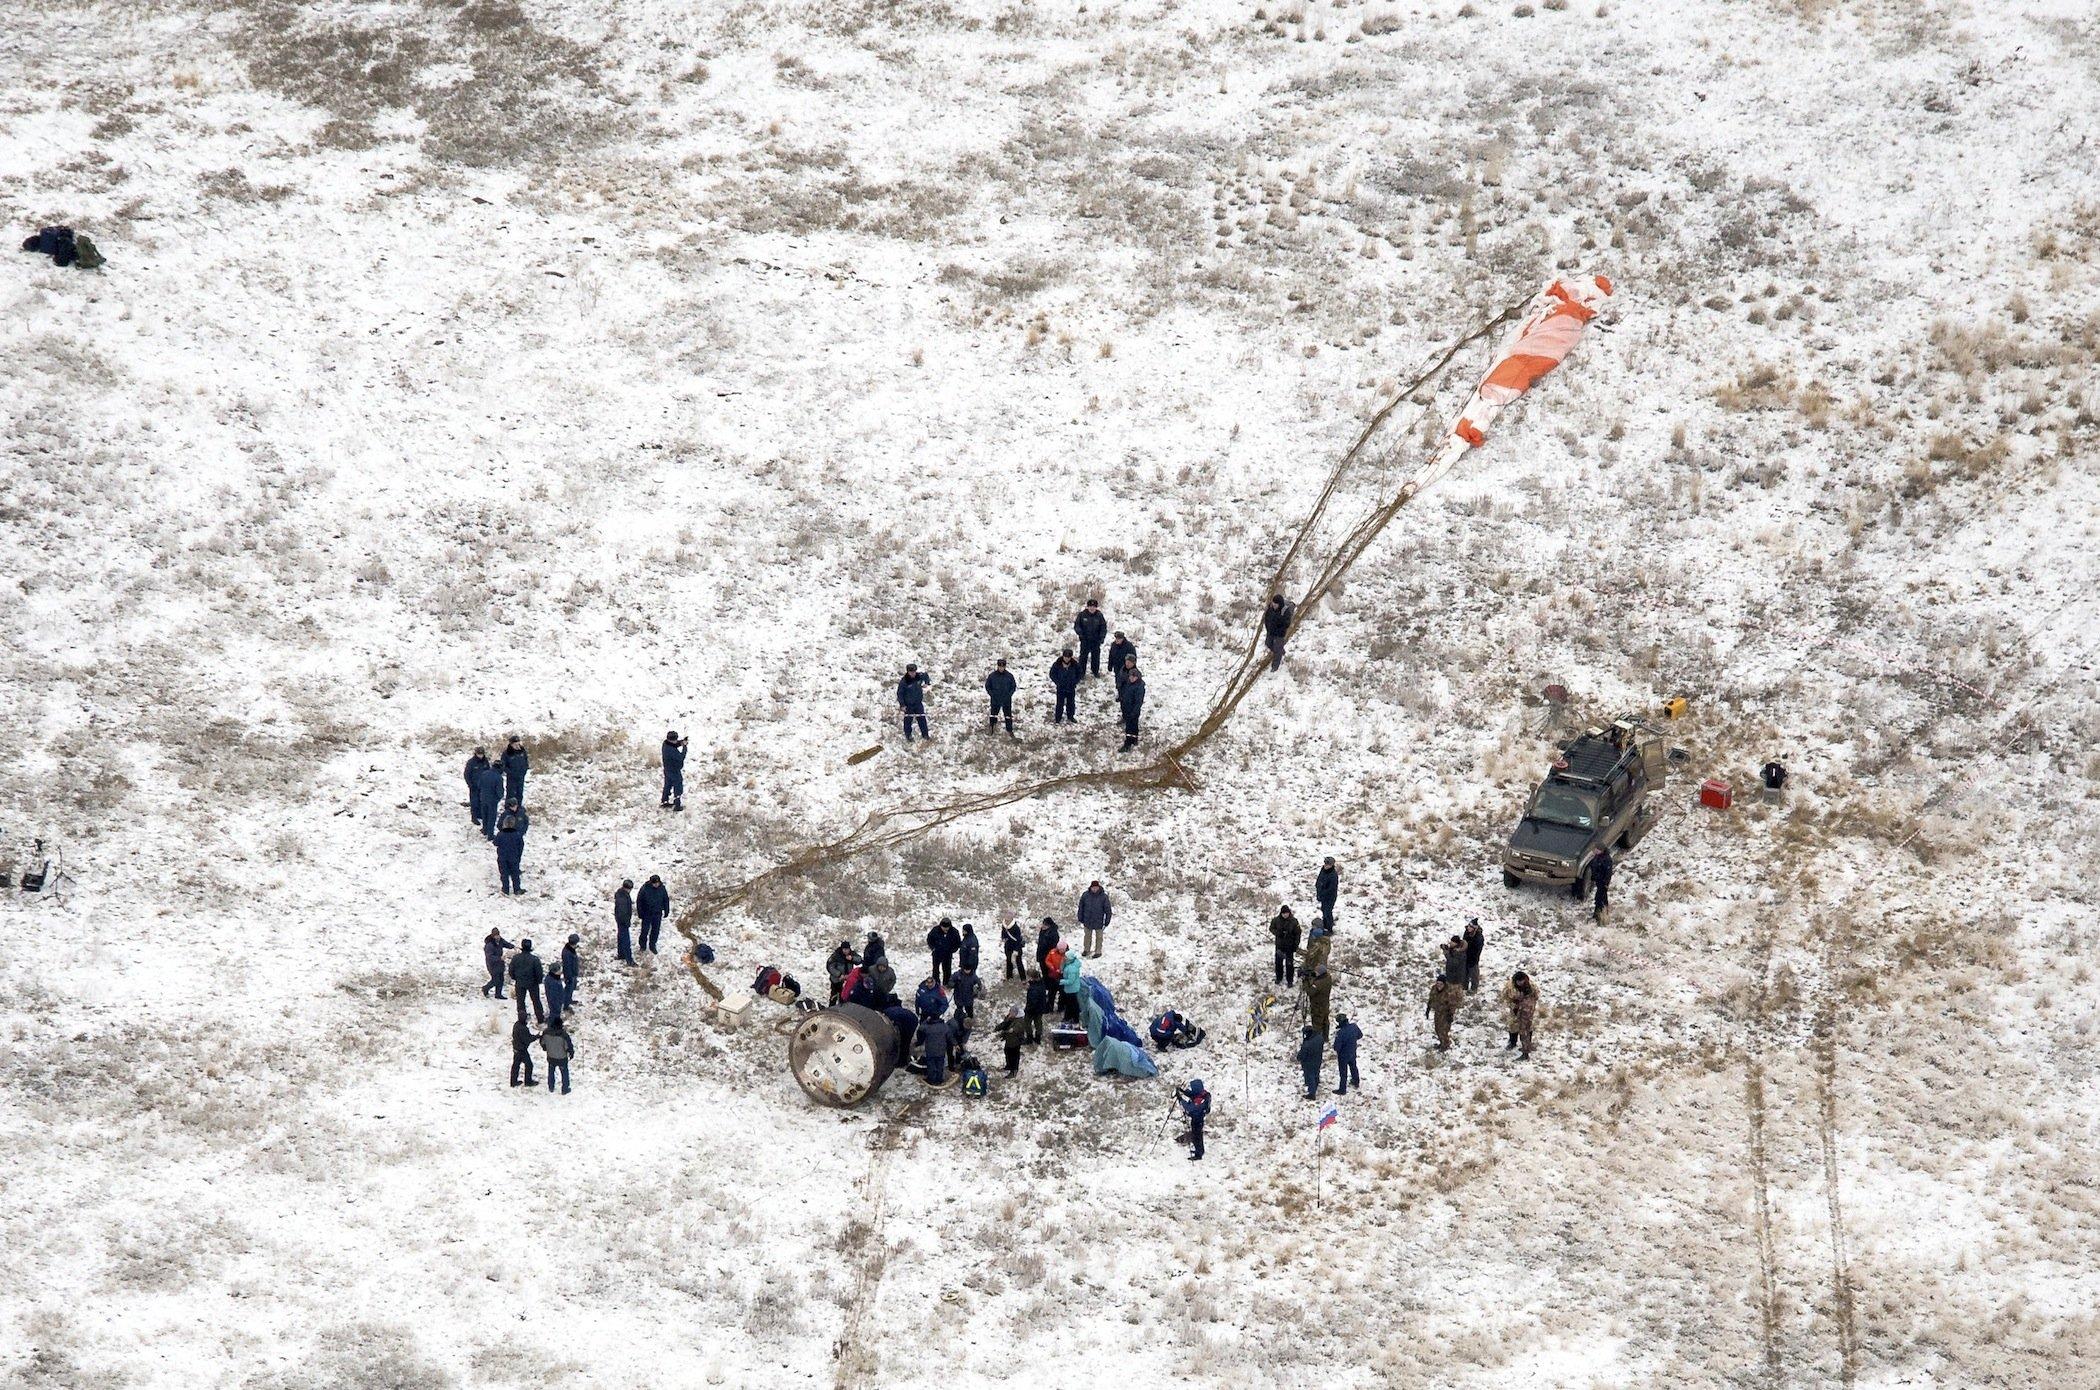 Landung im Schnee: Etwa 100 Kilometer entfernt von der StadtArkalyk landete die Sojuskapsel in der kasachischen Steppe.